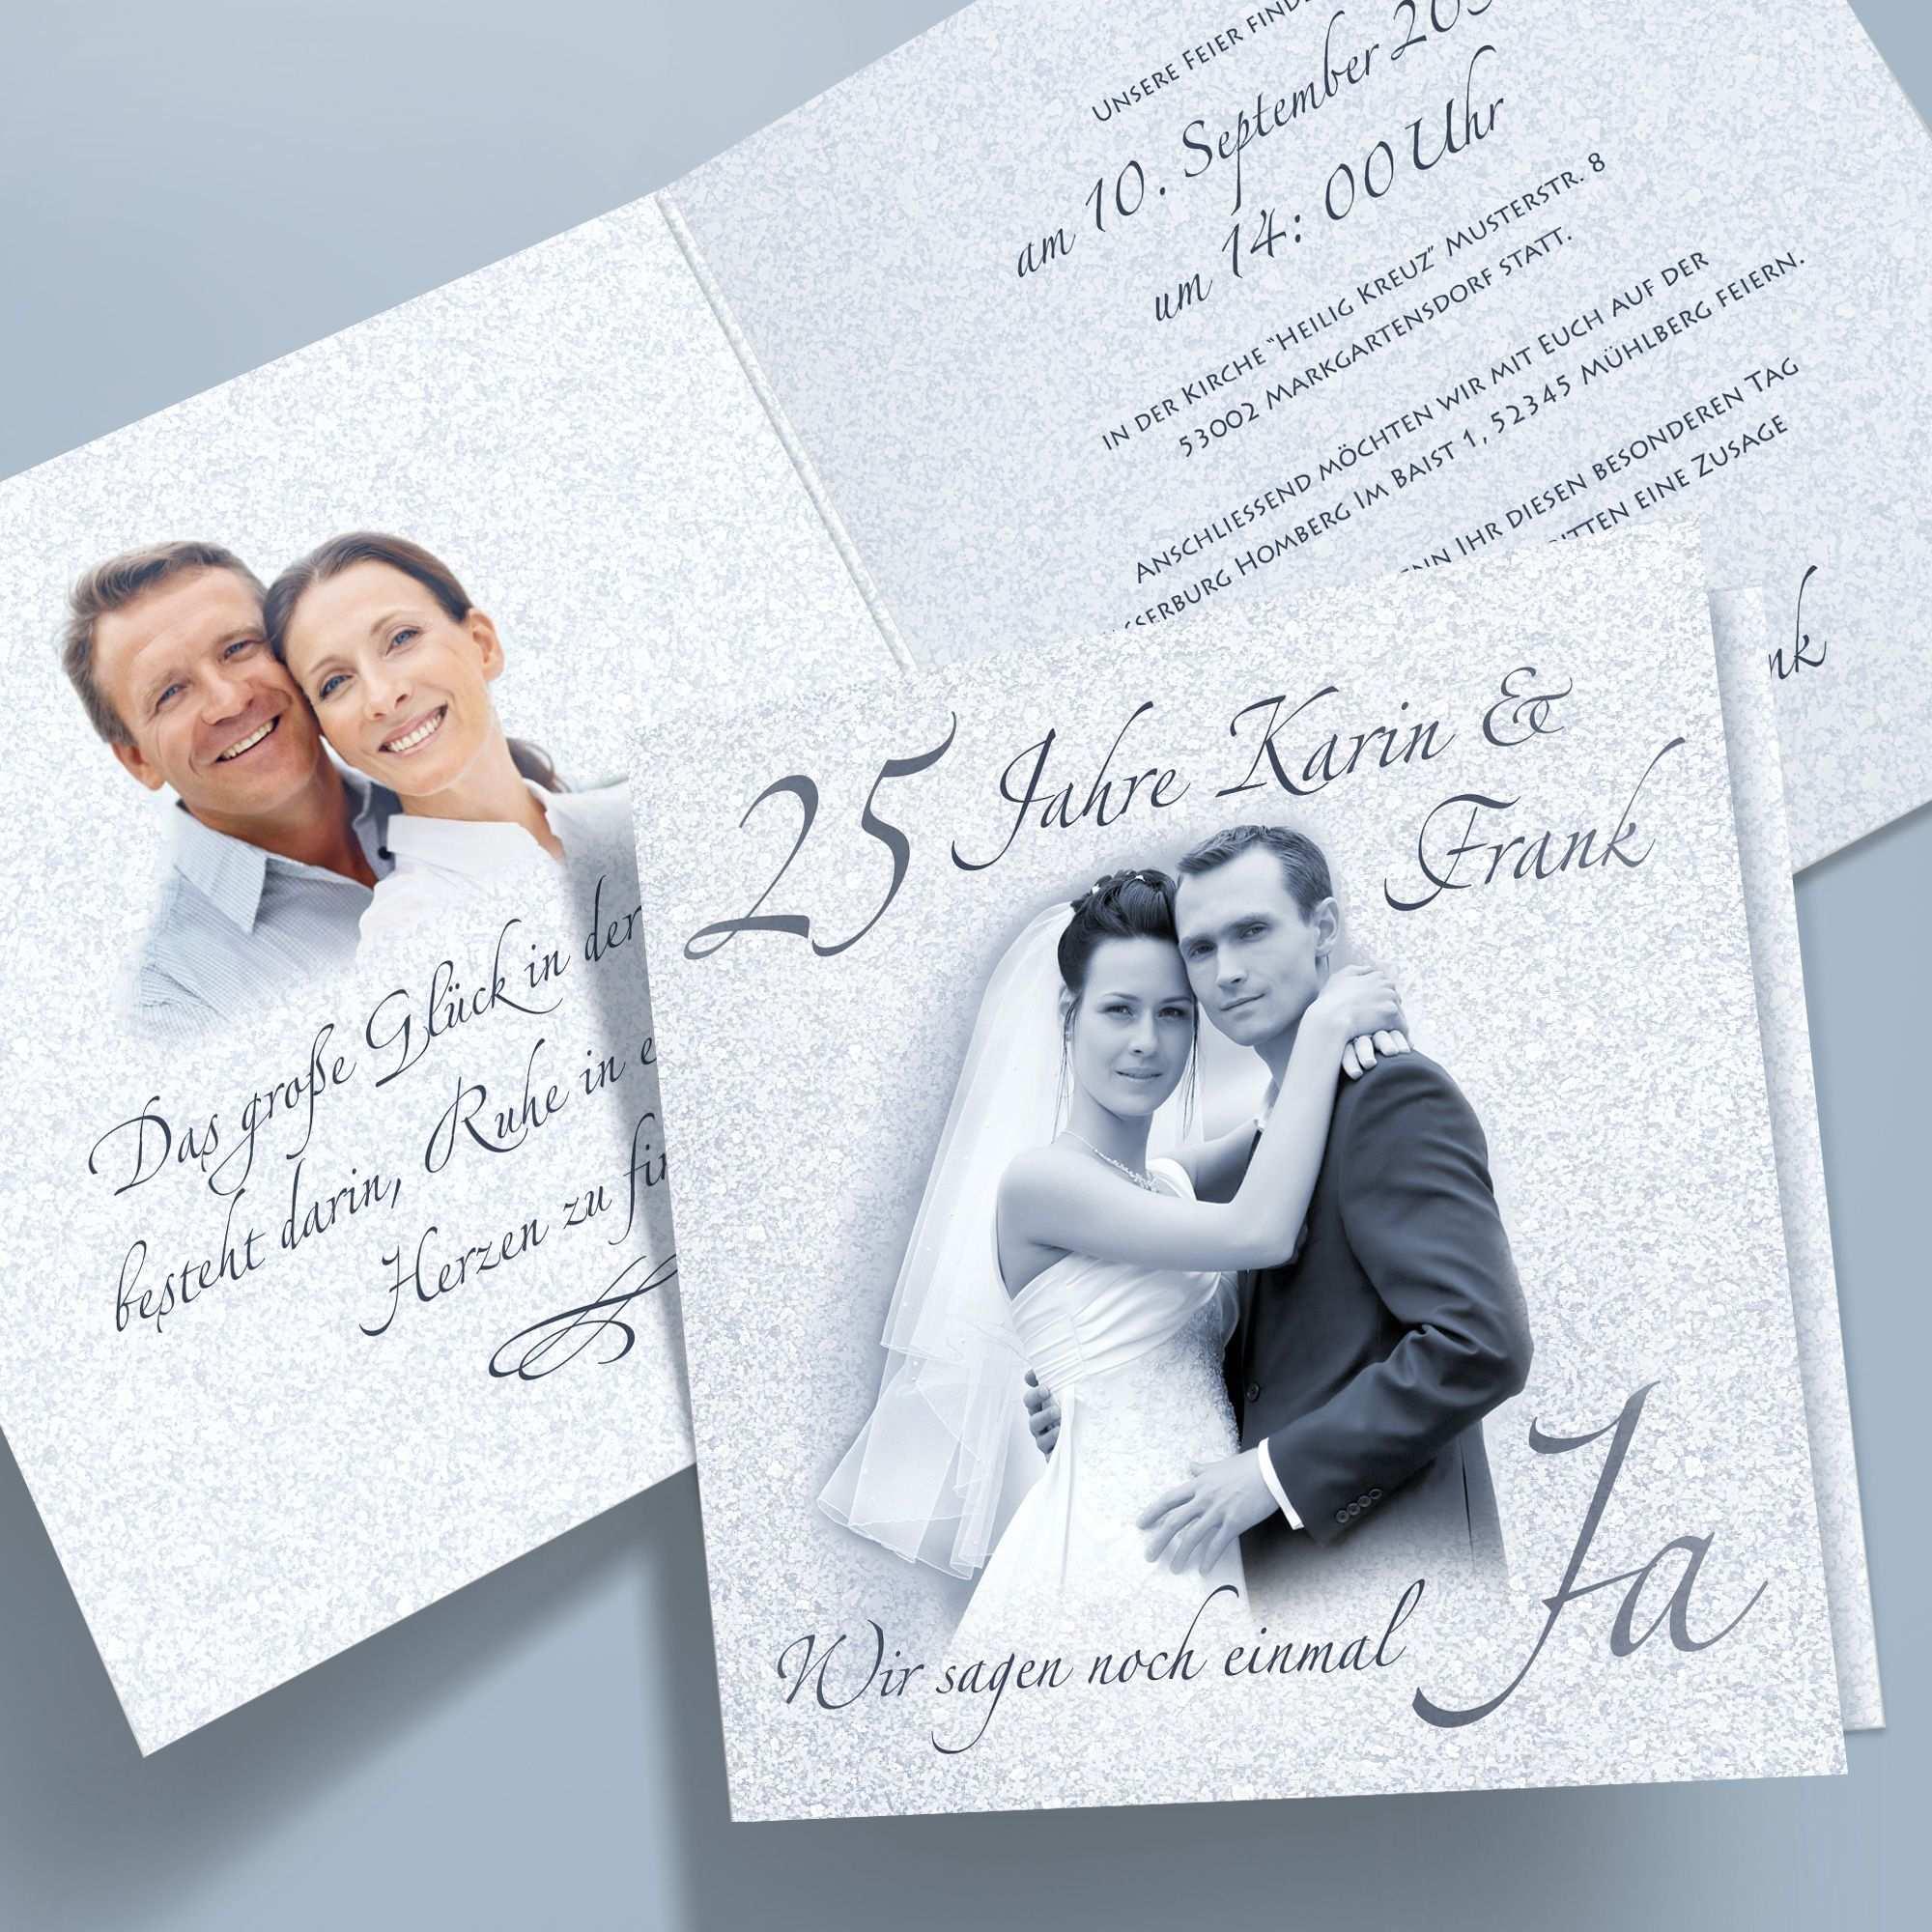 Einladungskarten Silberhochzeit Klappkarten Pers Bild Optim 62 Quadratisch Ebay Einladungskarten Silberhochzeit Silberhochzeit Deko Silberhochzeit